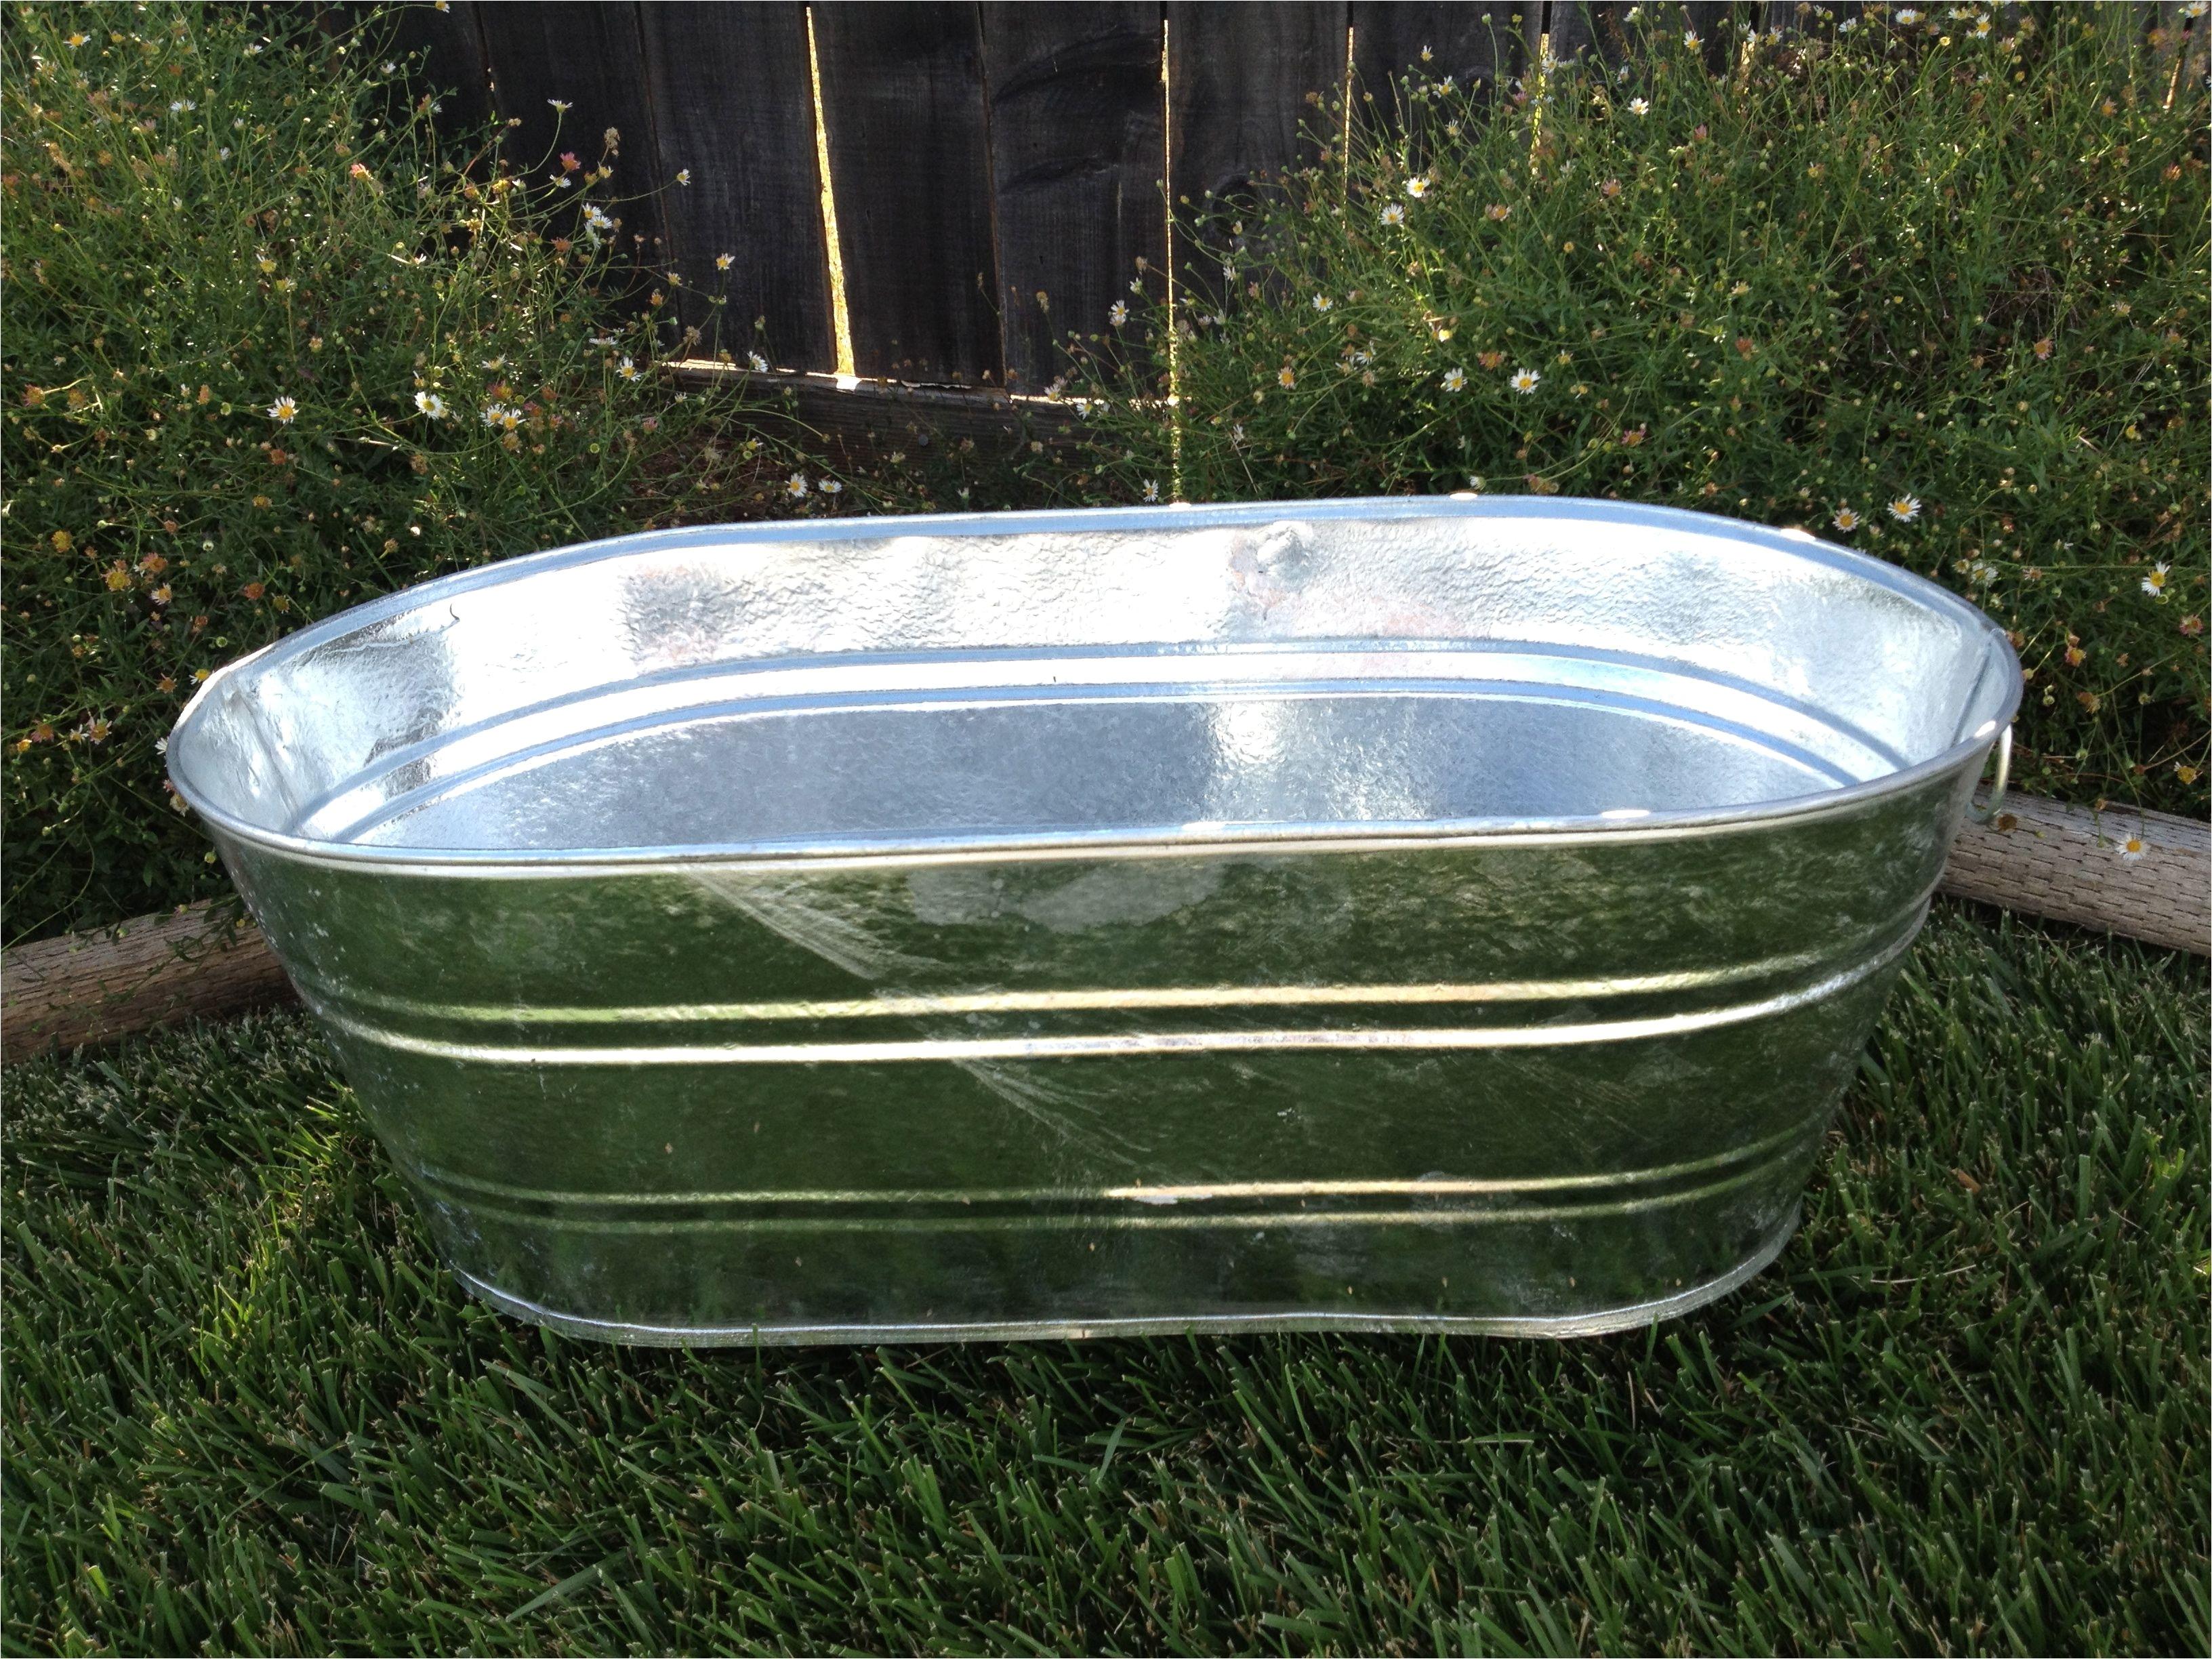 50 gallon galvanized tub galvanized tub